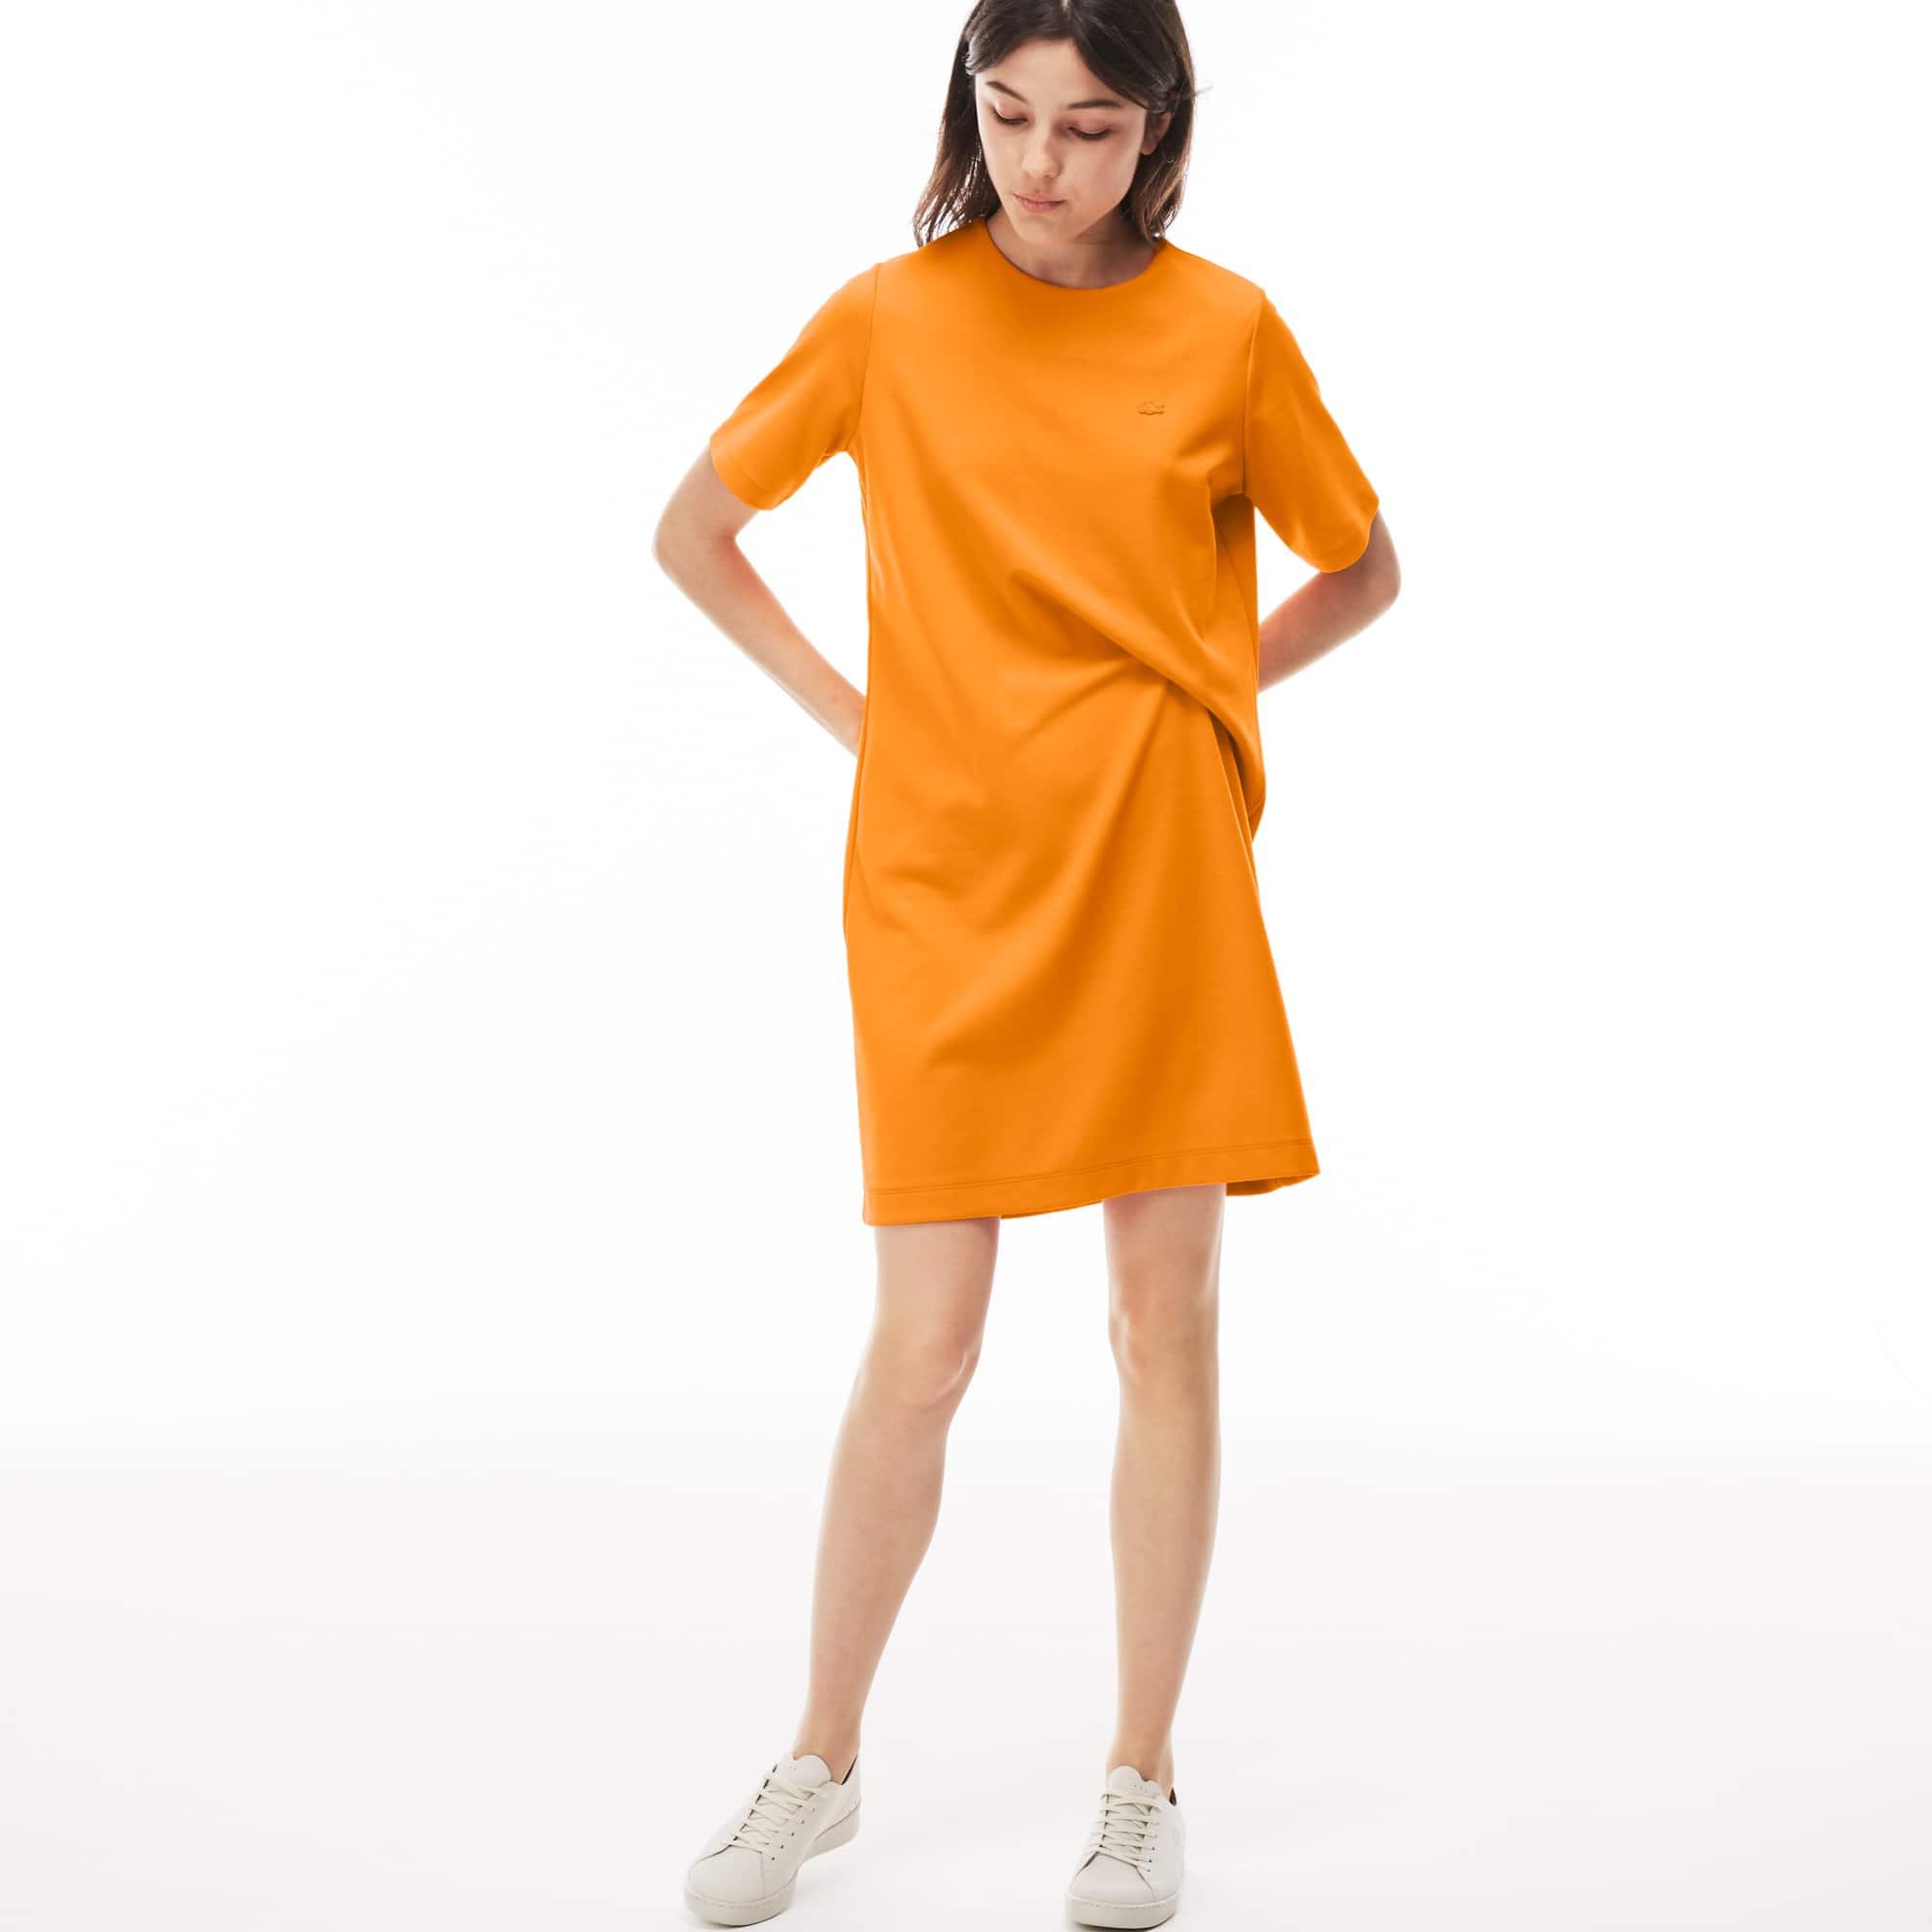 Abito asimmetrico Lacoste LIVE in jersey di cotone tinta unita